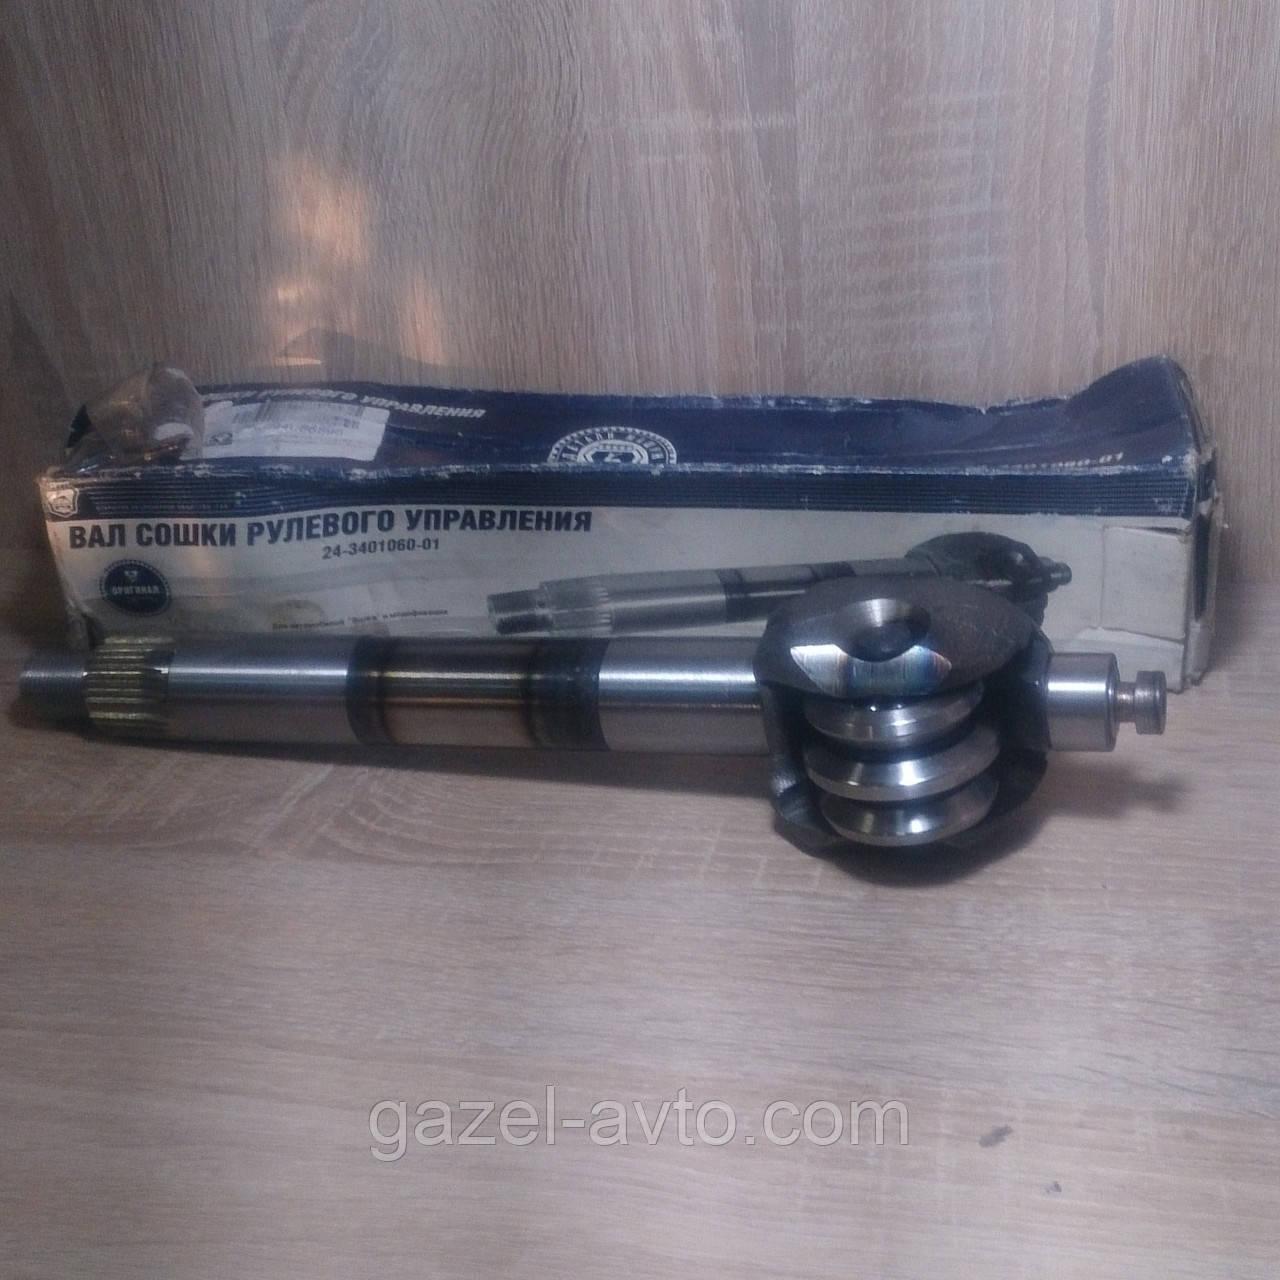 Вал сошки рулевого управления с роликом Волга (пр-во ГАЗ)